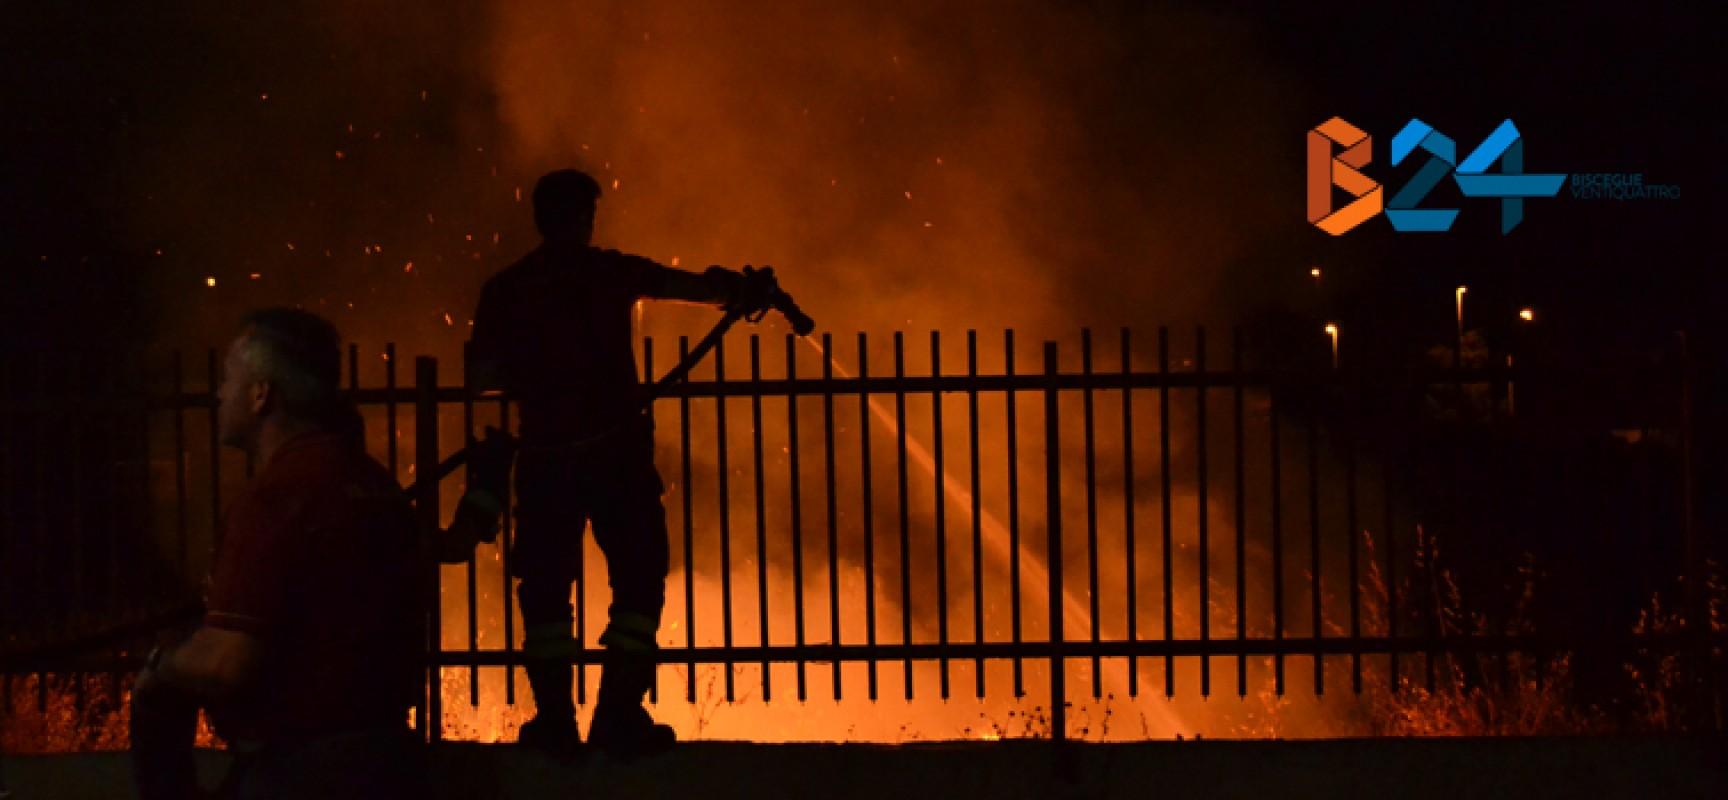 Ancora fiamme nella serata di ieri a Sant'Andrea: altri due roghi appiccati / FOTO